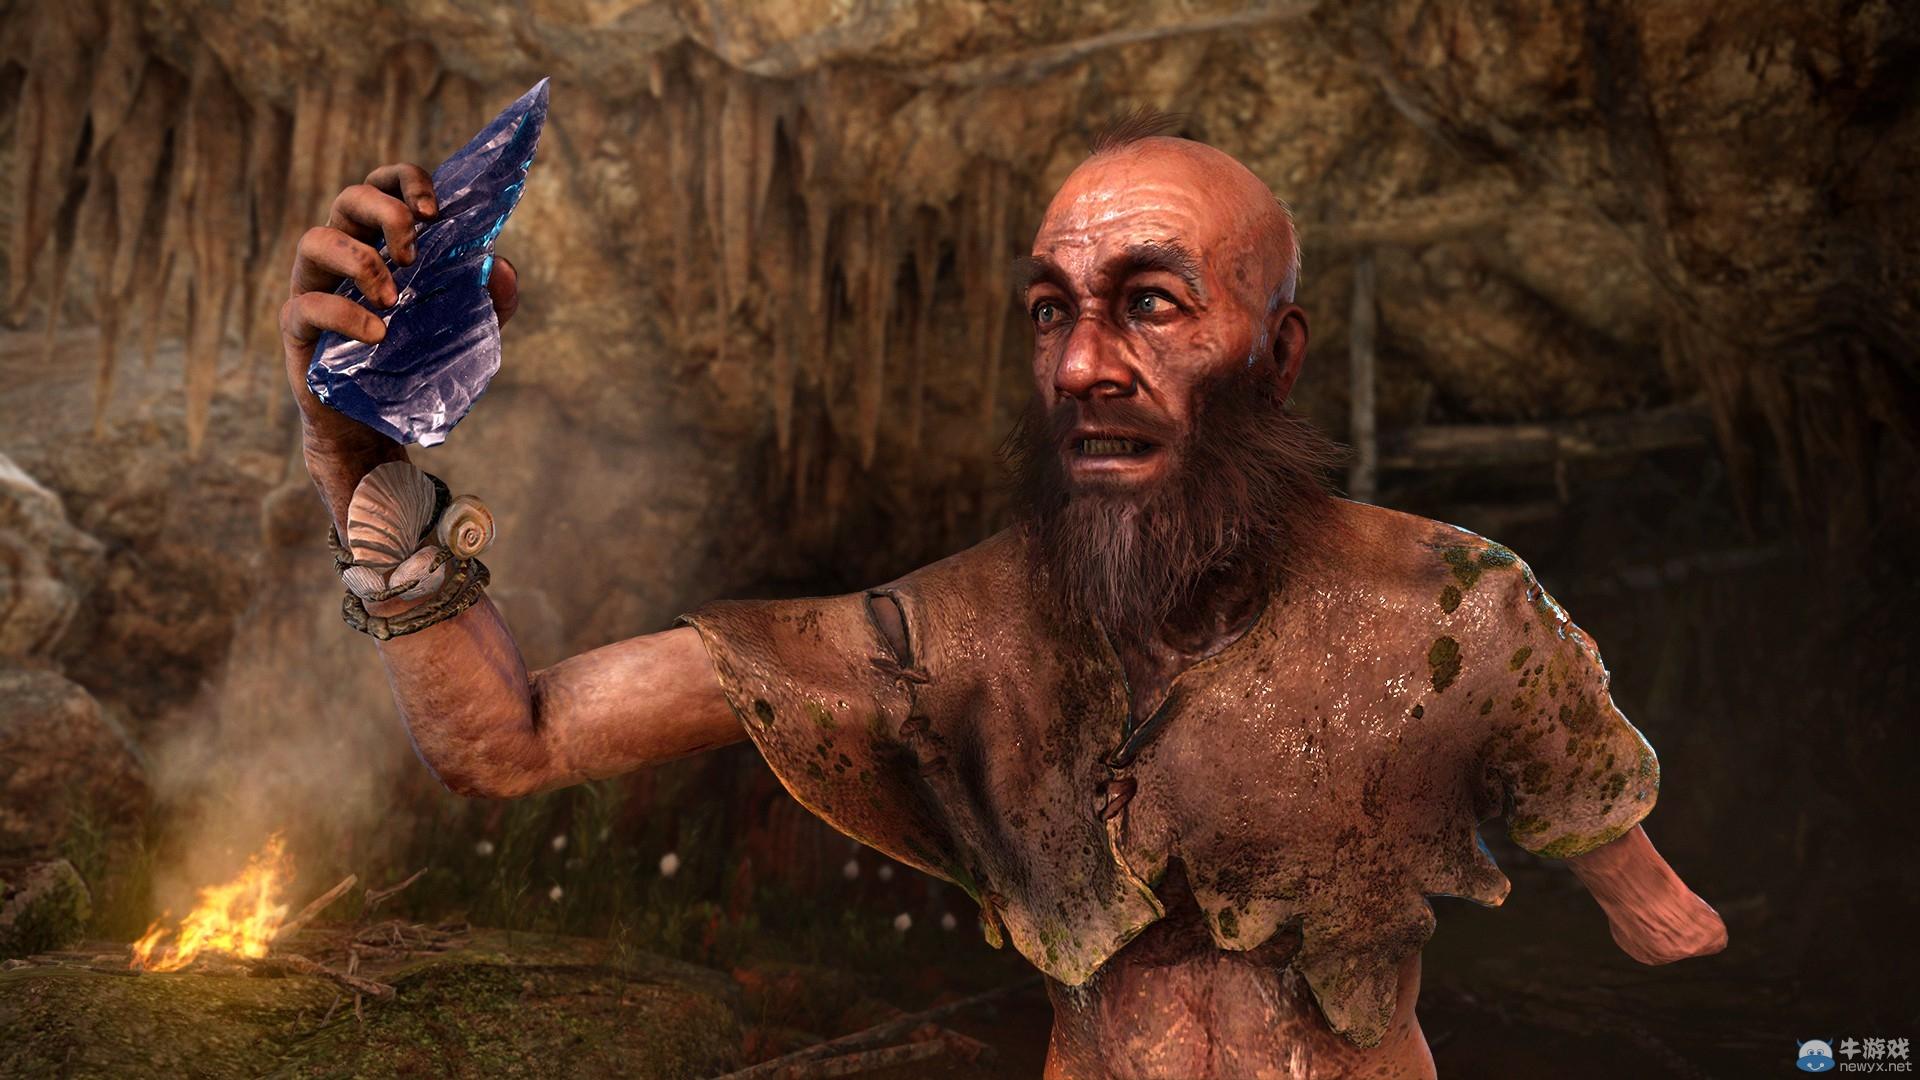 《孤岛惊魂:原始杀戮》发布全新艺术图 人兽同仇敌忾